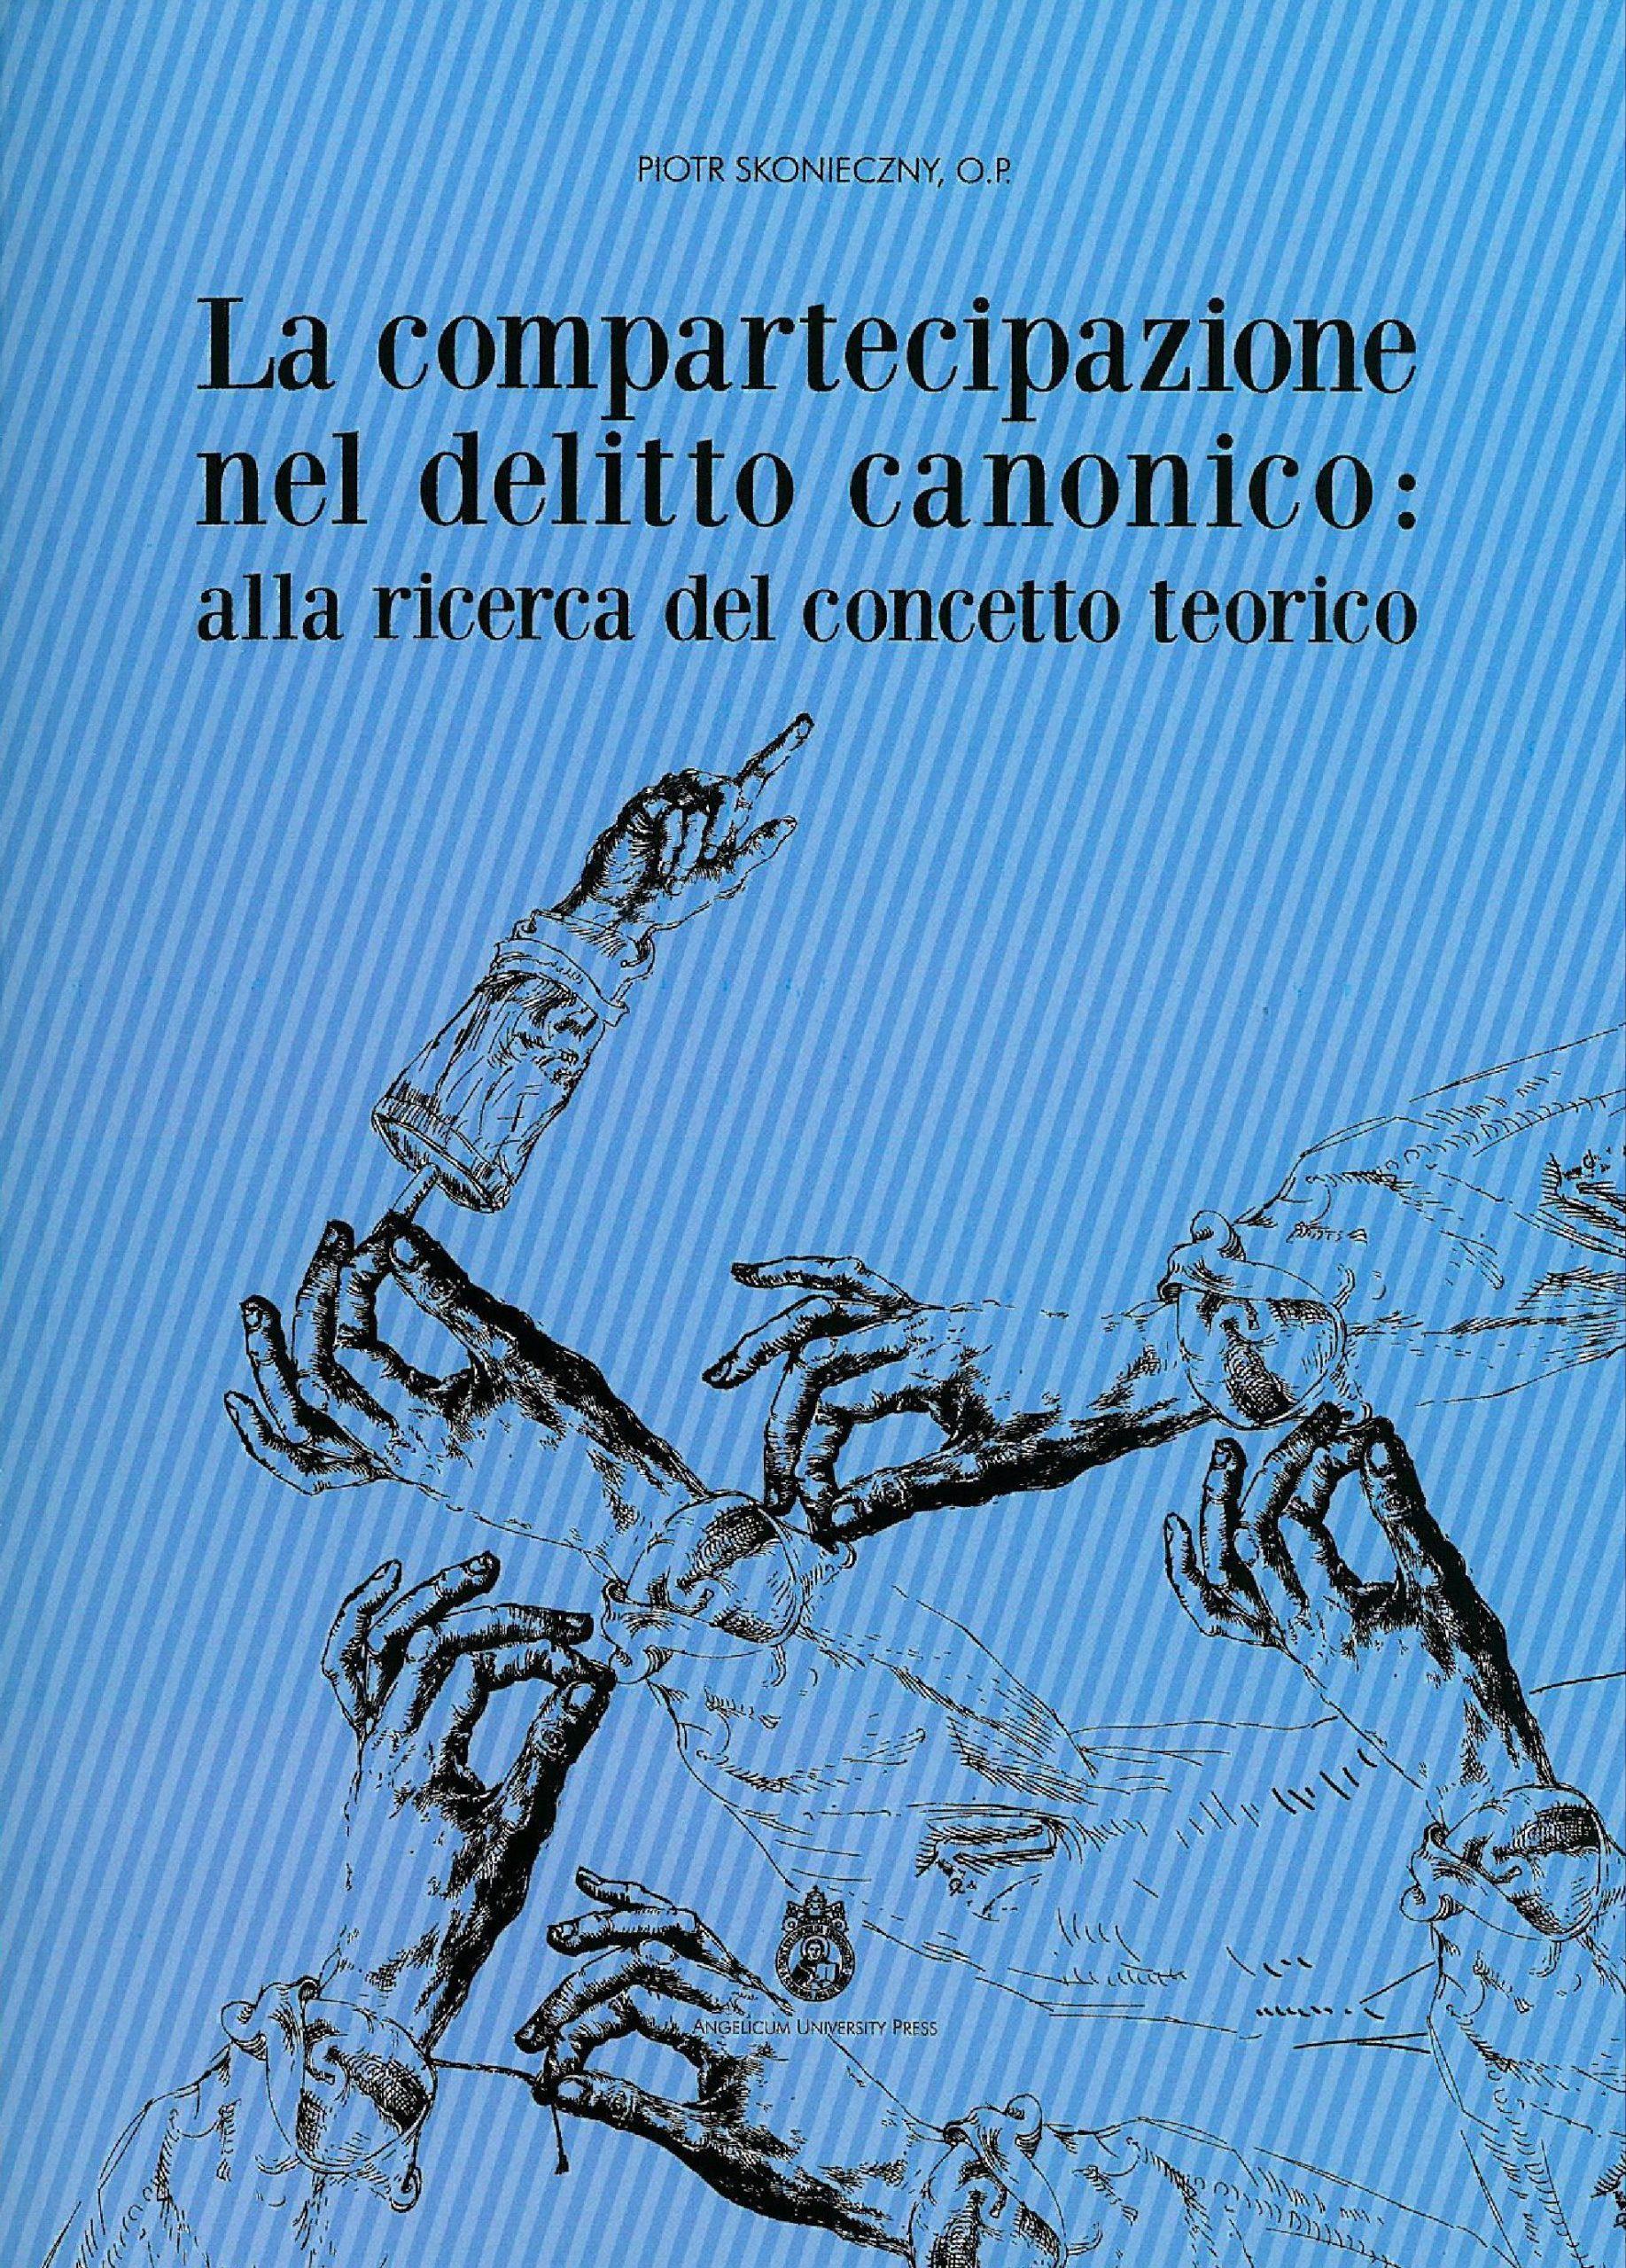 La compartecipazione nel delitto canonico: alla ricerca del concetto teorico book cover